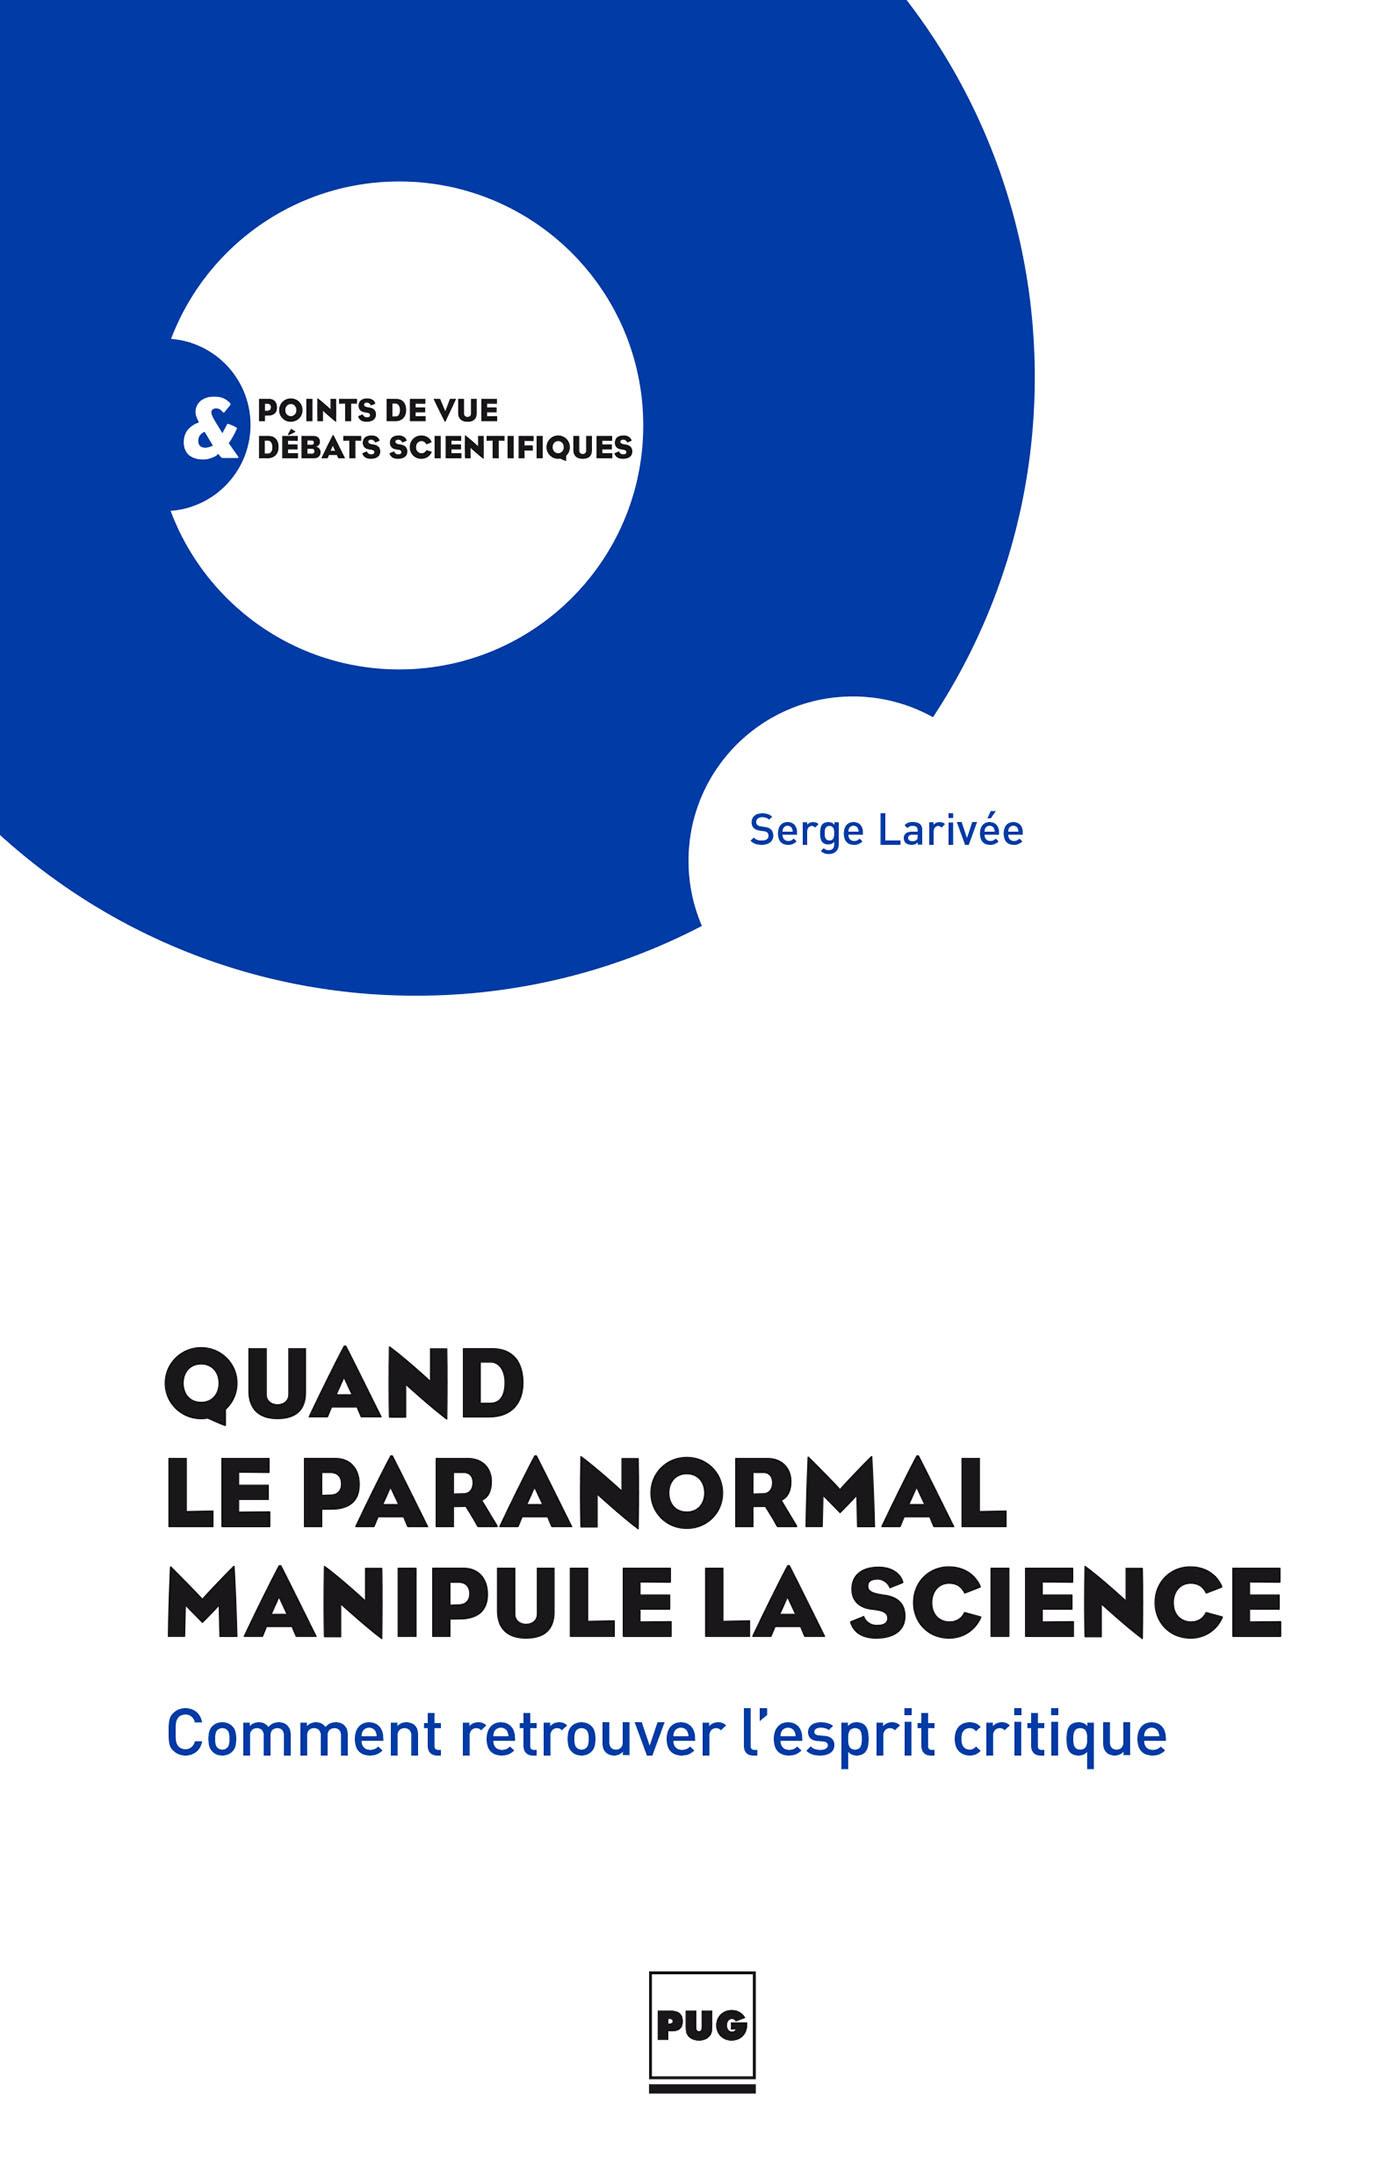 Quand le paranormal manipule la science